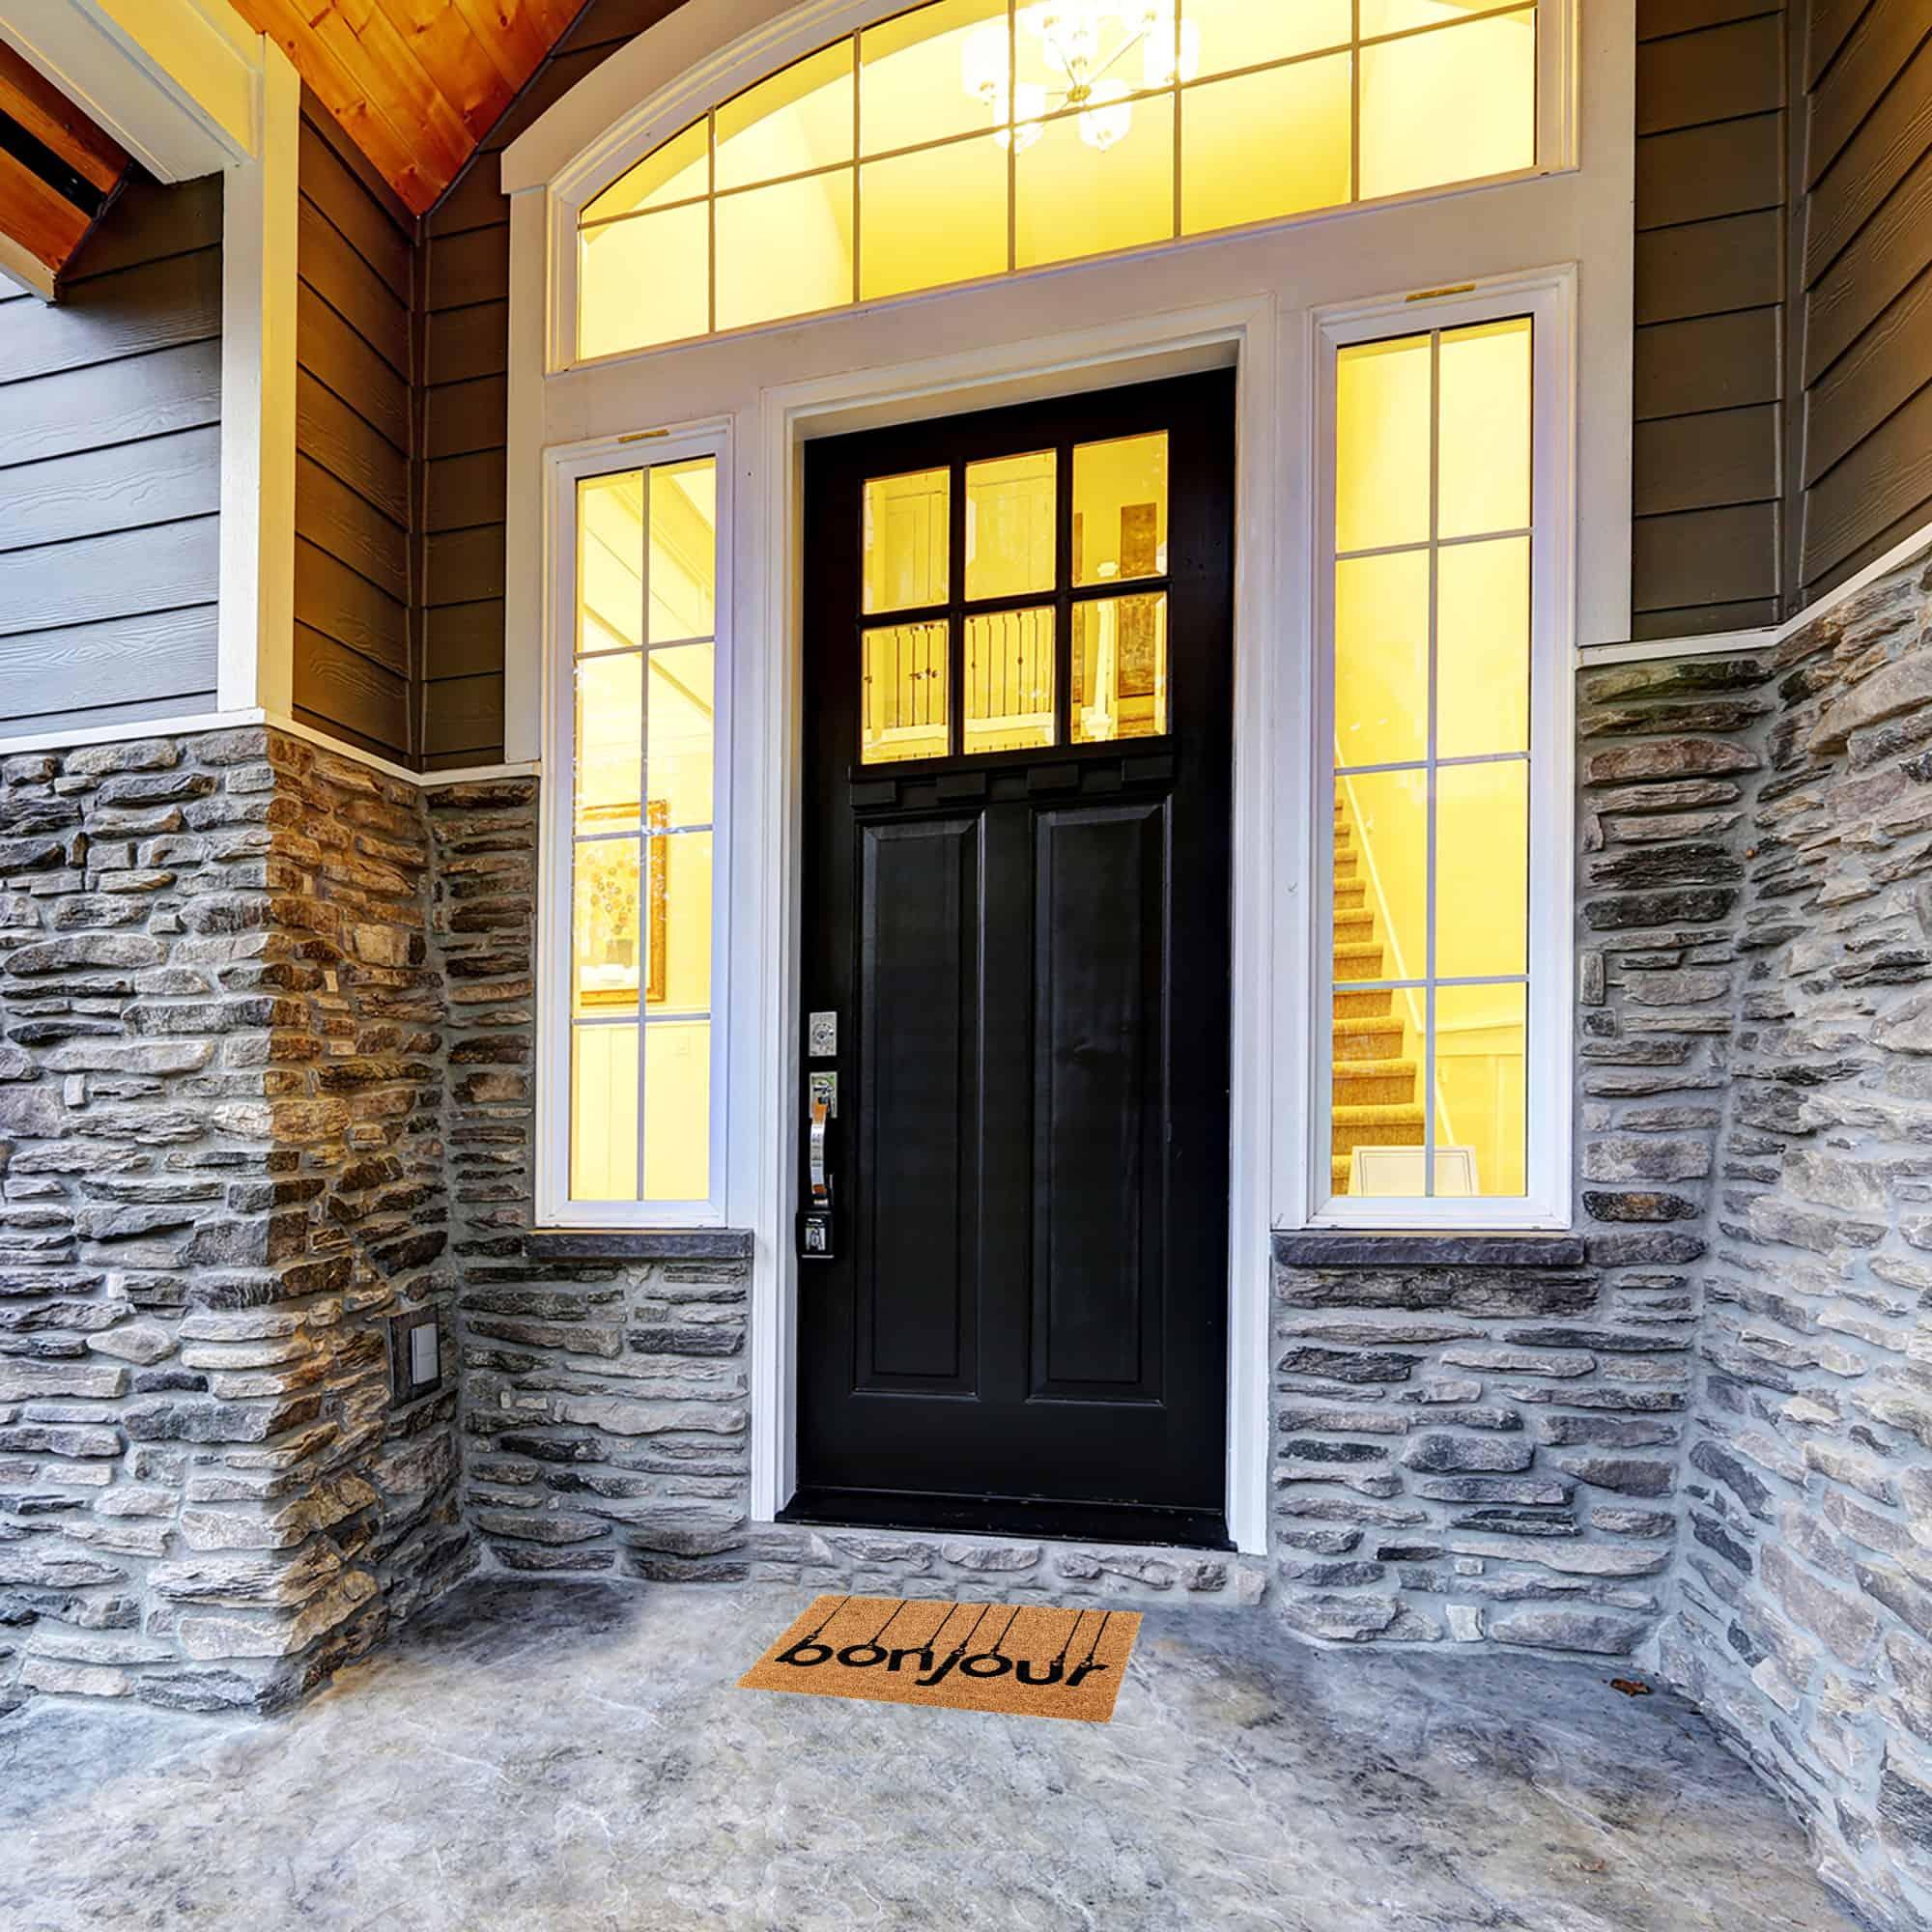 Sheltered Rectangle Coir Door Mat -Bonjour- Non Slip Backing Natural- Black 24x16